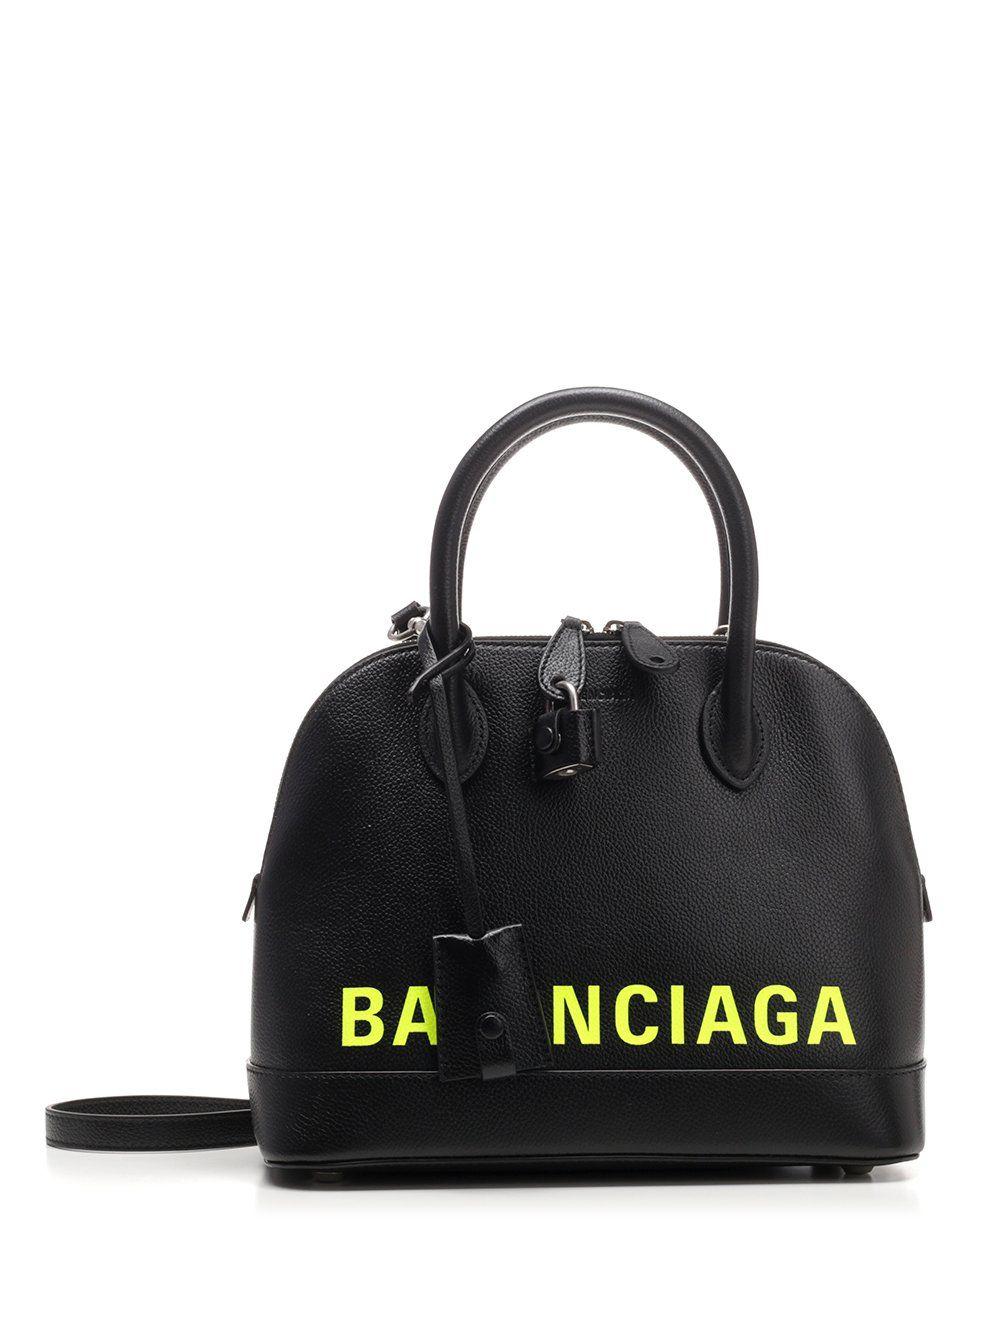 BALENCIAGA BALENCIAGA VILLE LOGO TOP HANDLE TOTE BAG bags